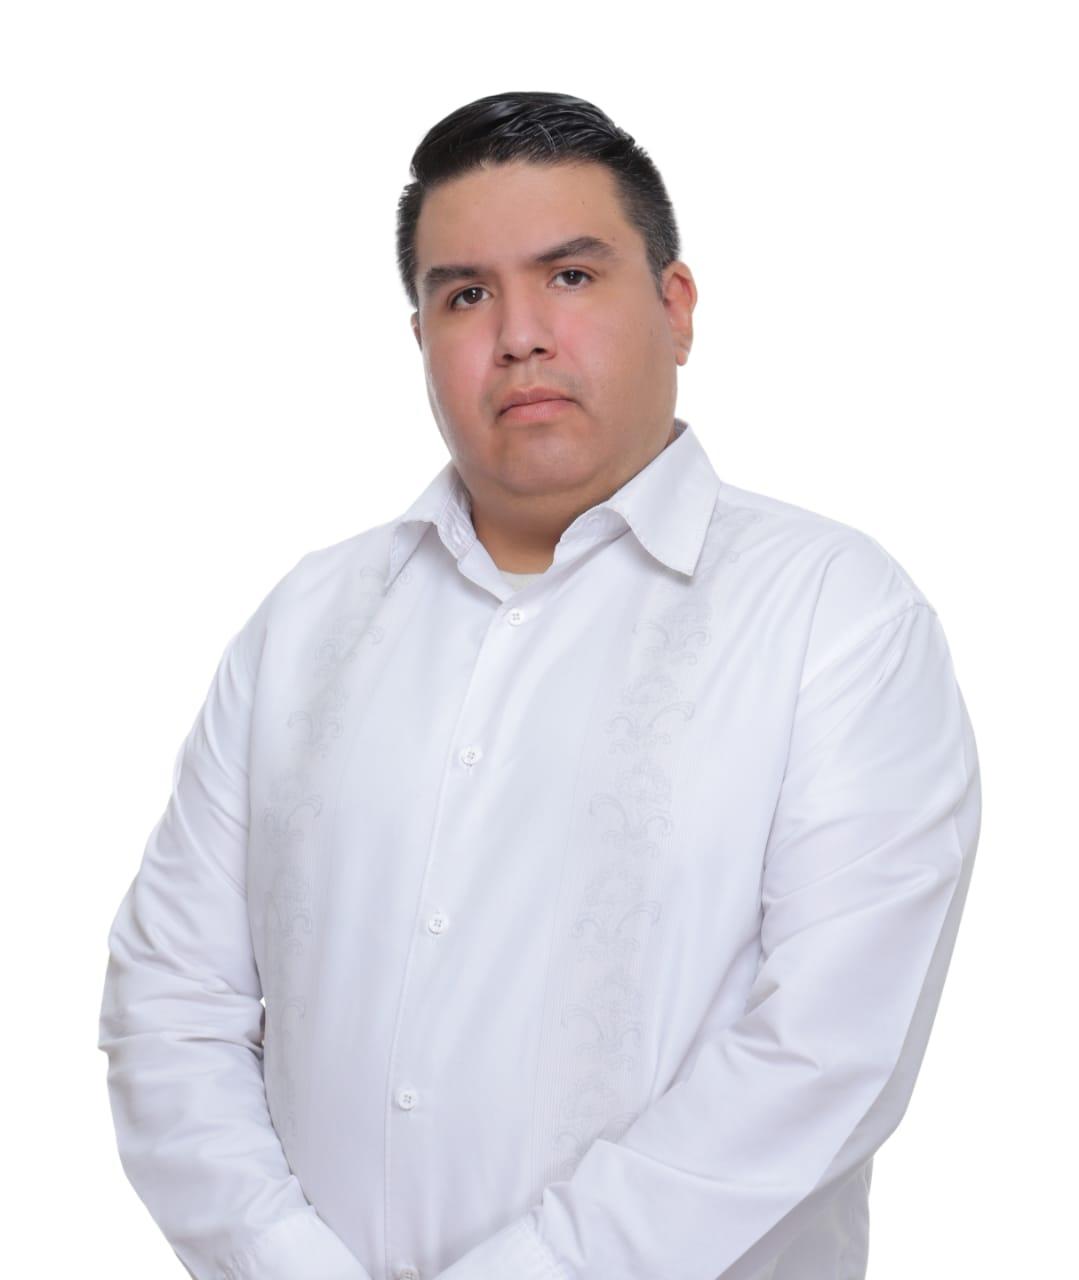 José Alberto Guerrero